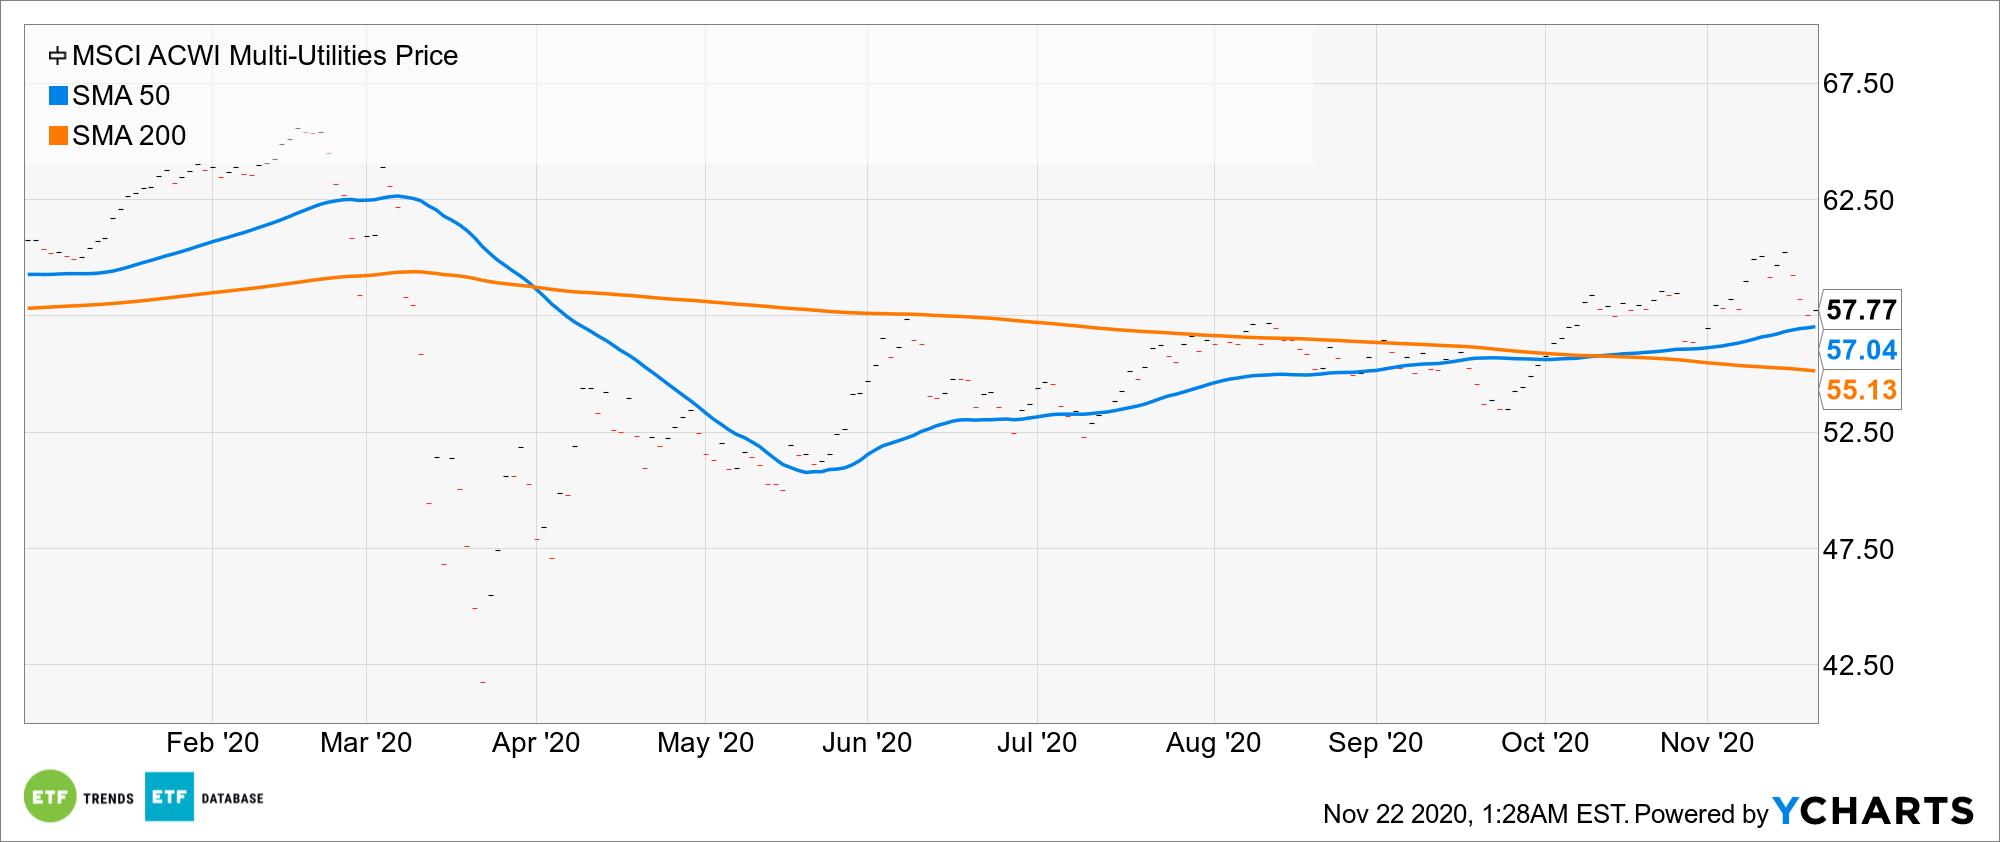 ^MSACWIMUU Chart